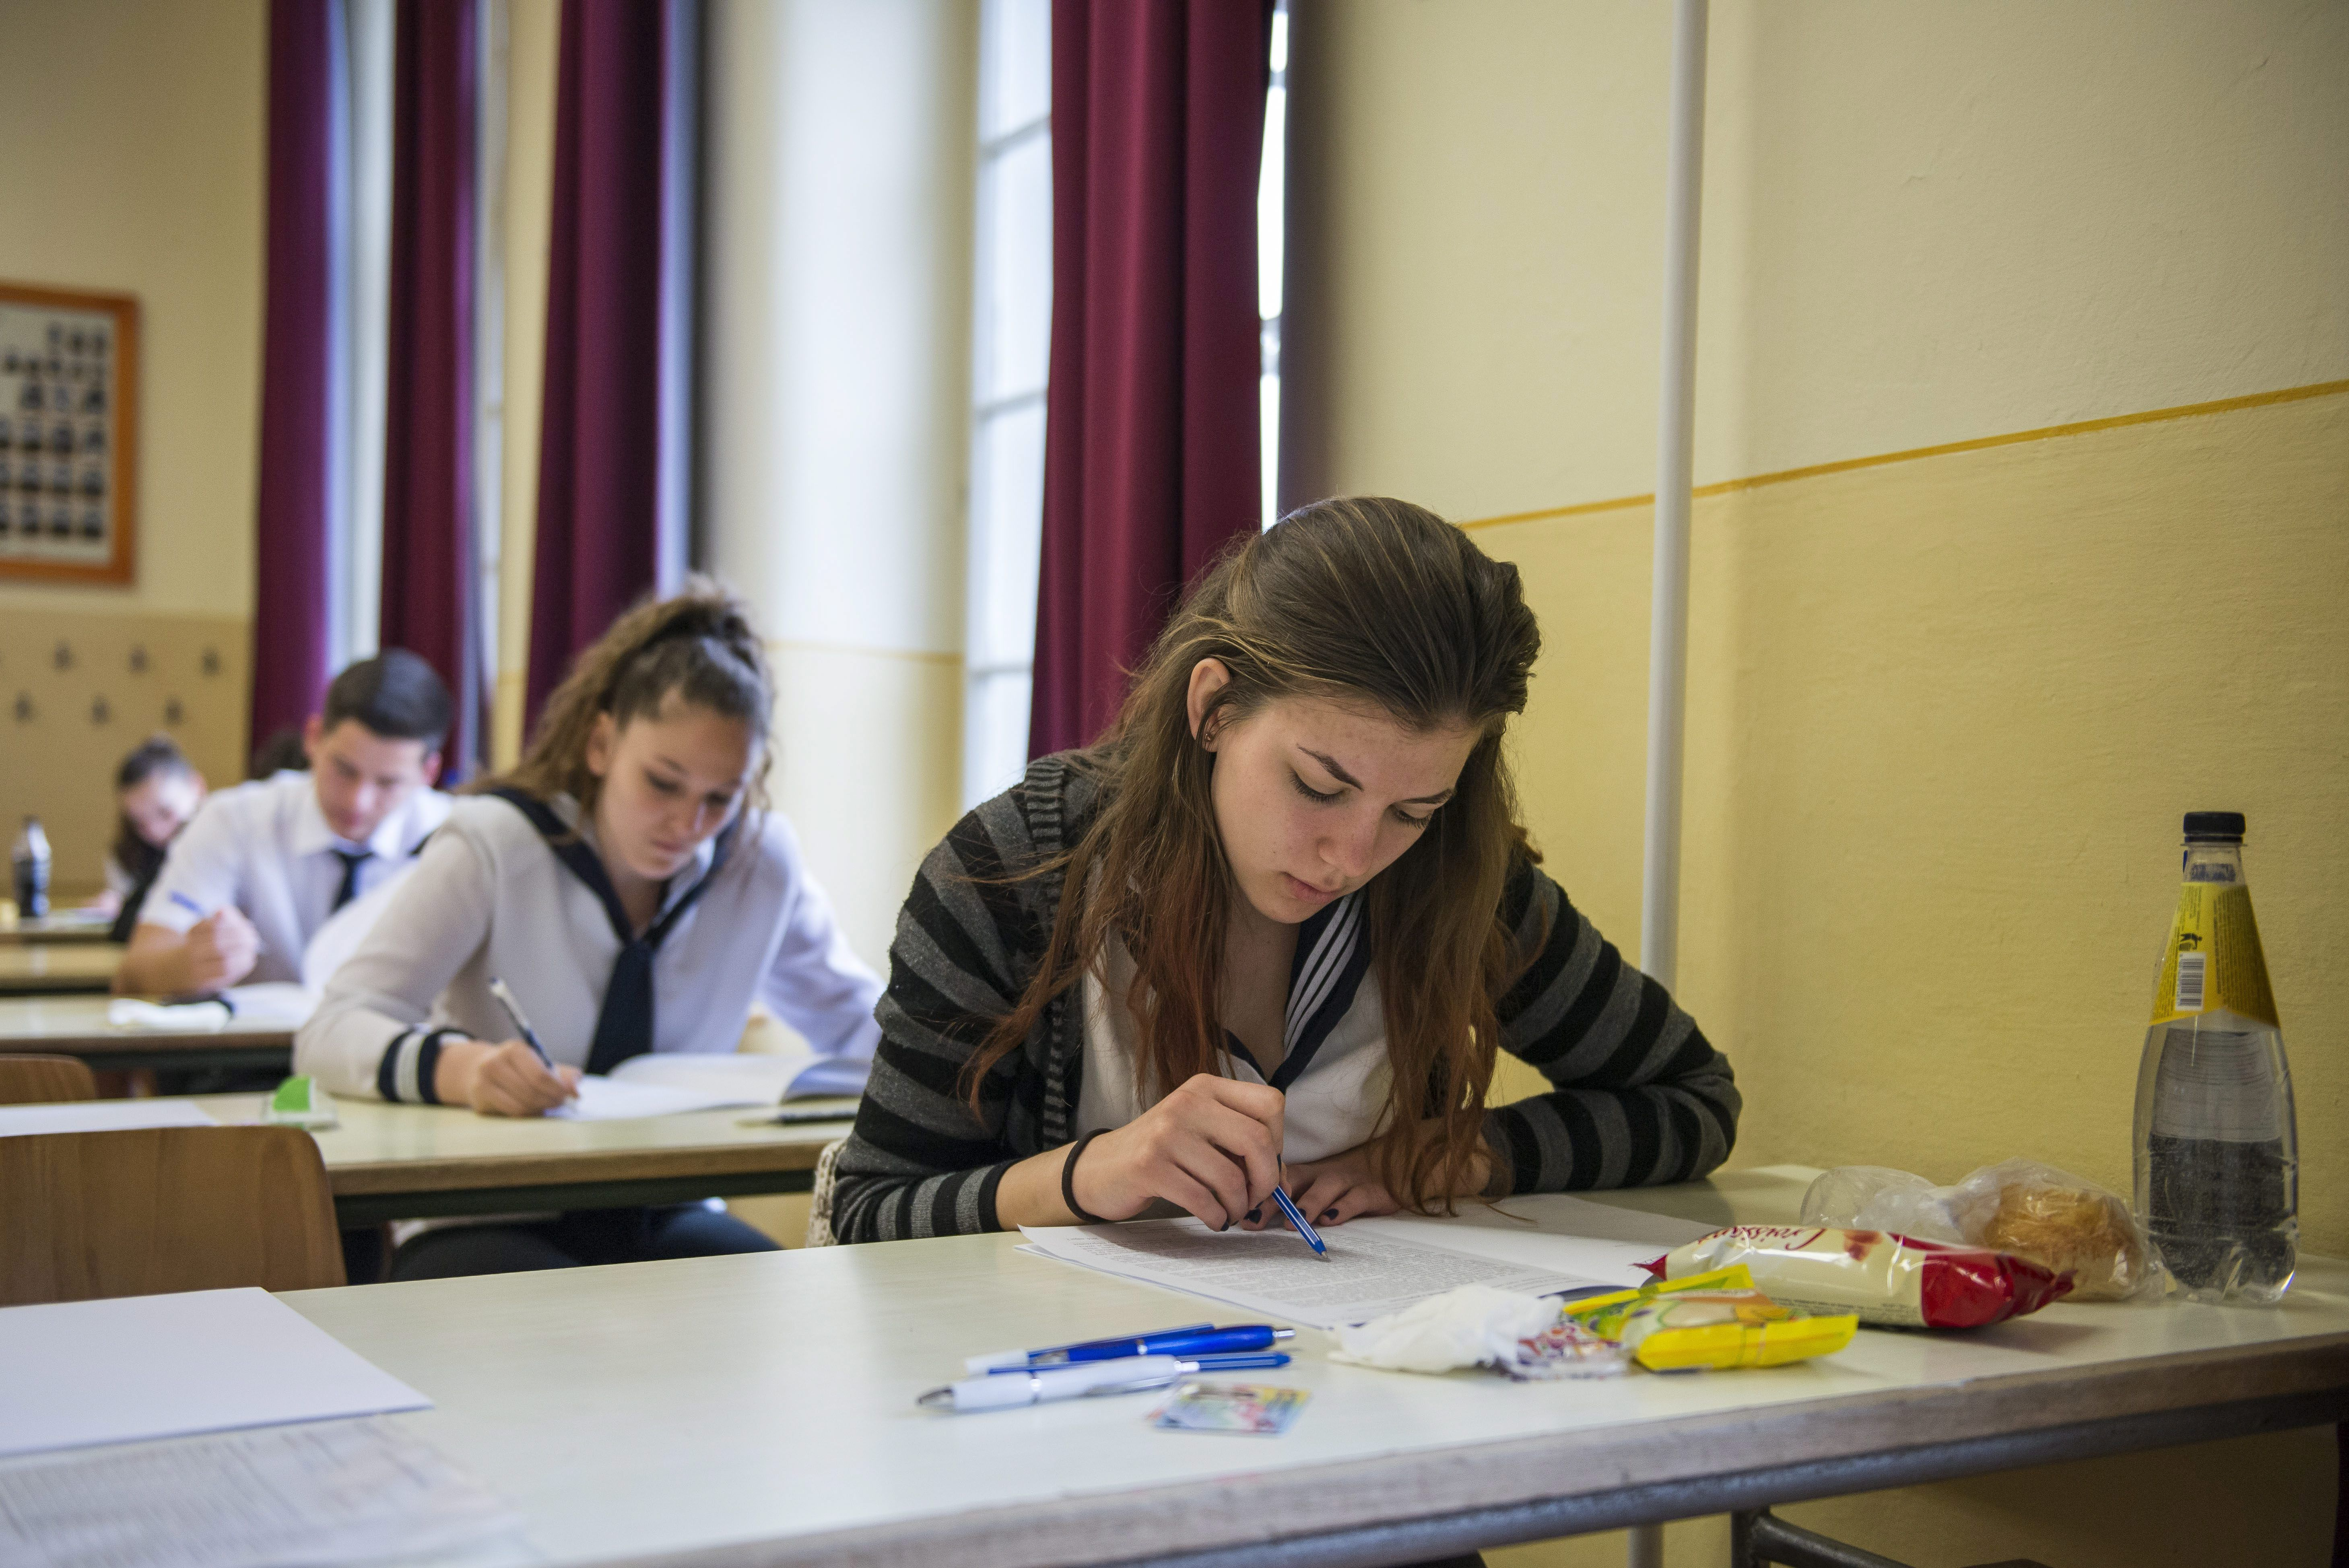 Egy háttéranyag szerint a kormány csökkentené a gimnazisták számát